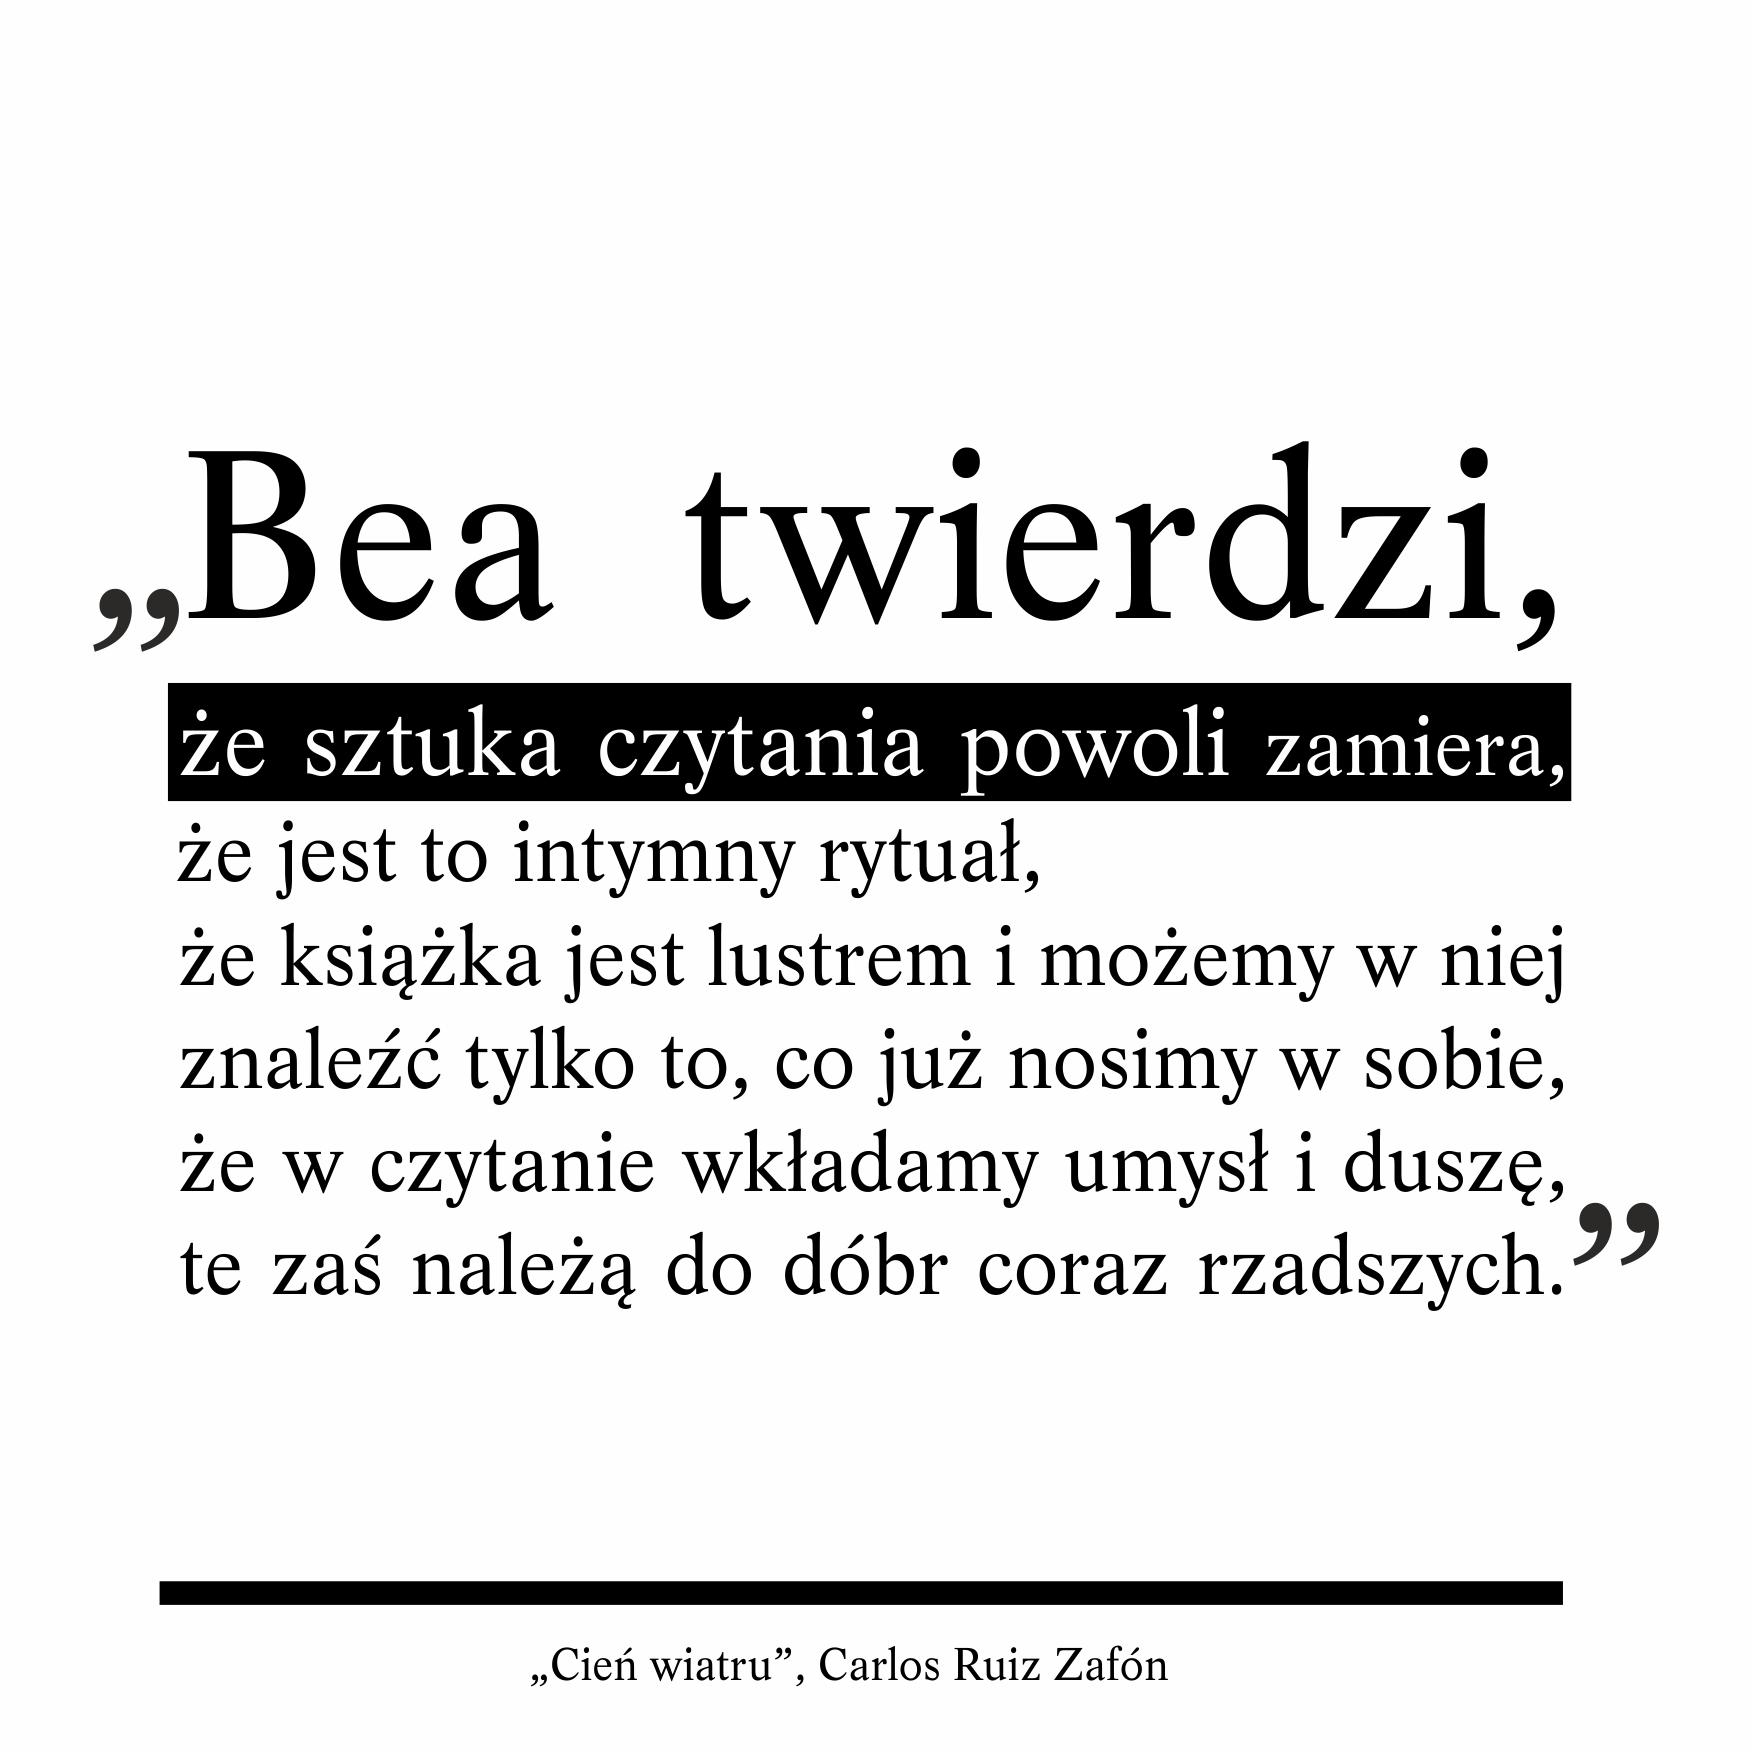 Cytaty Książki Cień Wiatru Miłośnicy Książek Czytanie